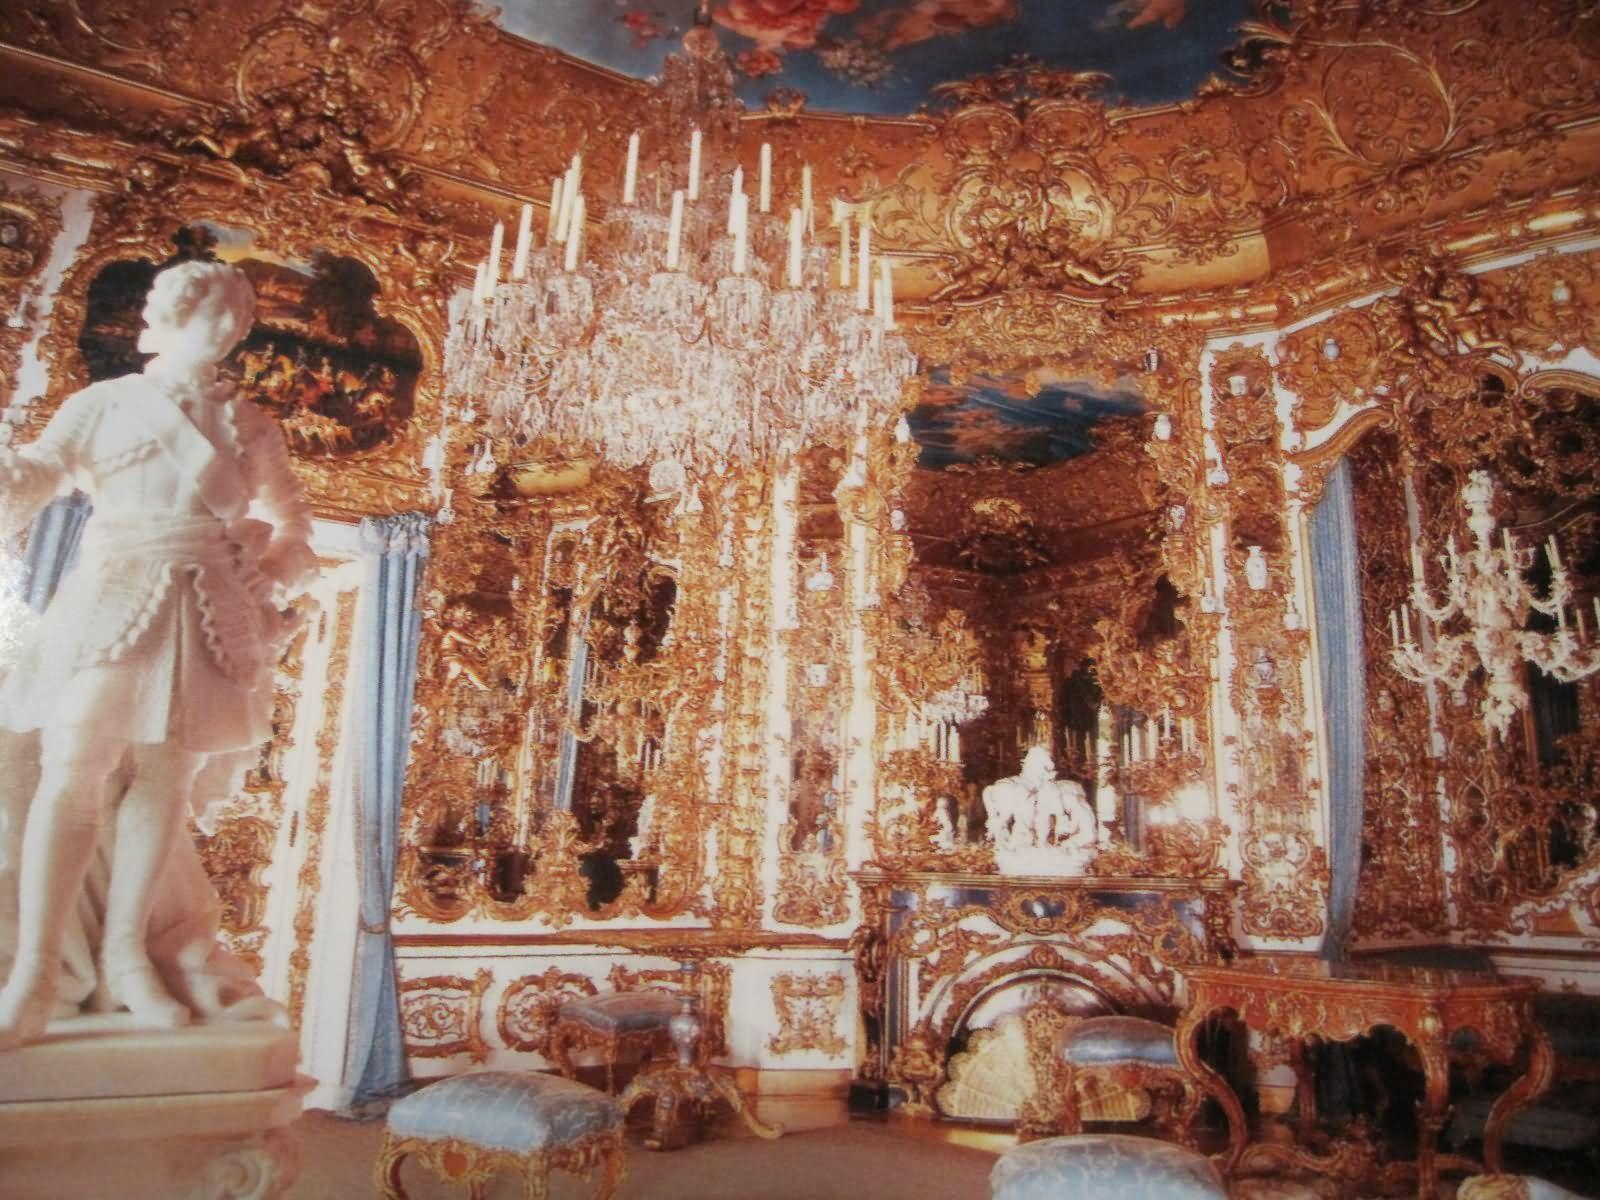 Schloss Linderhof Castle 30 Most Beautiful Interior Pictures Of The Linderhof Palace Linderhof Palace Inside Castles Beautiful Interiors